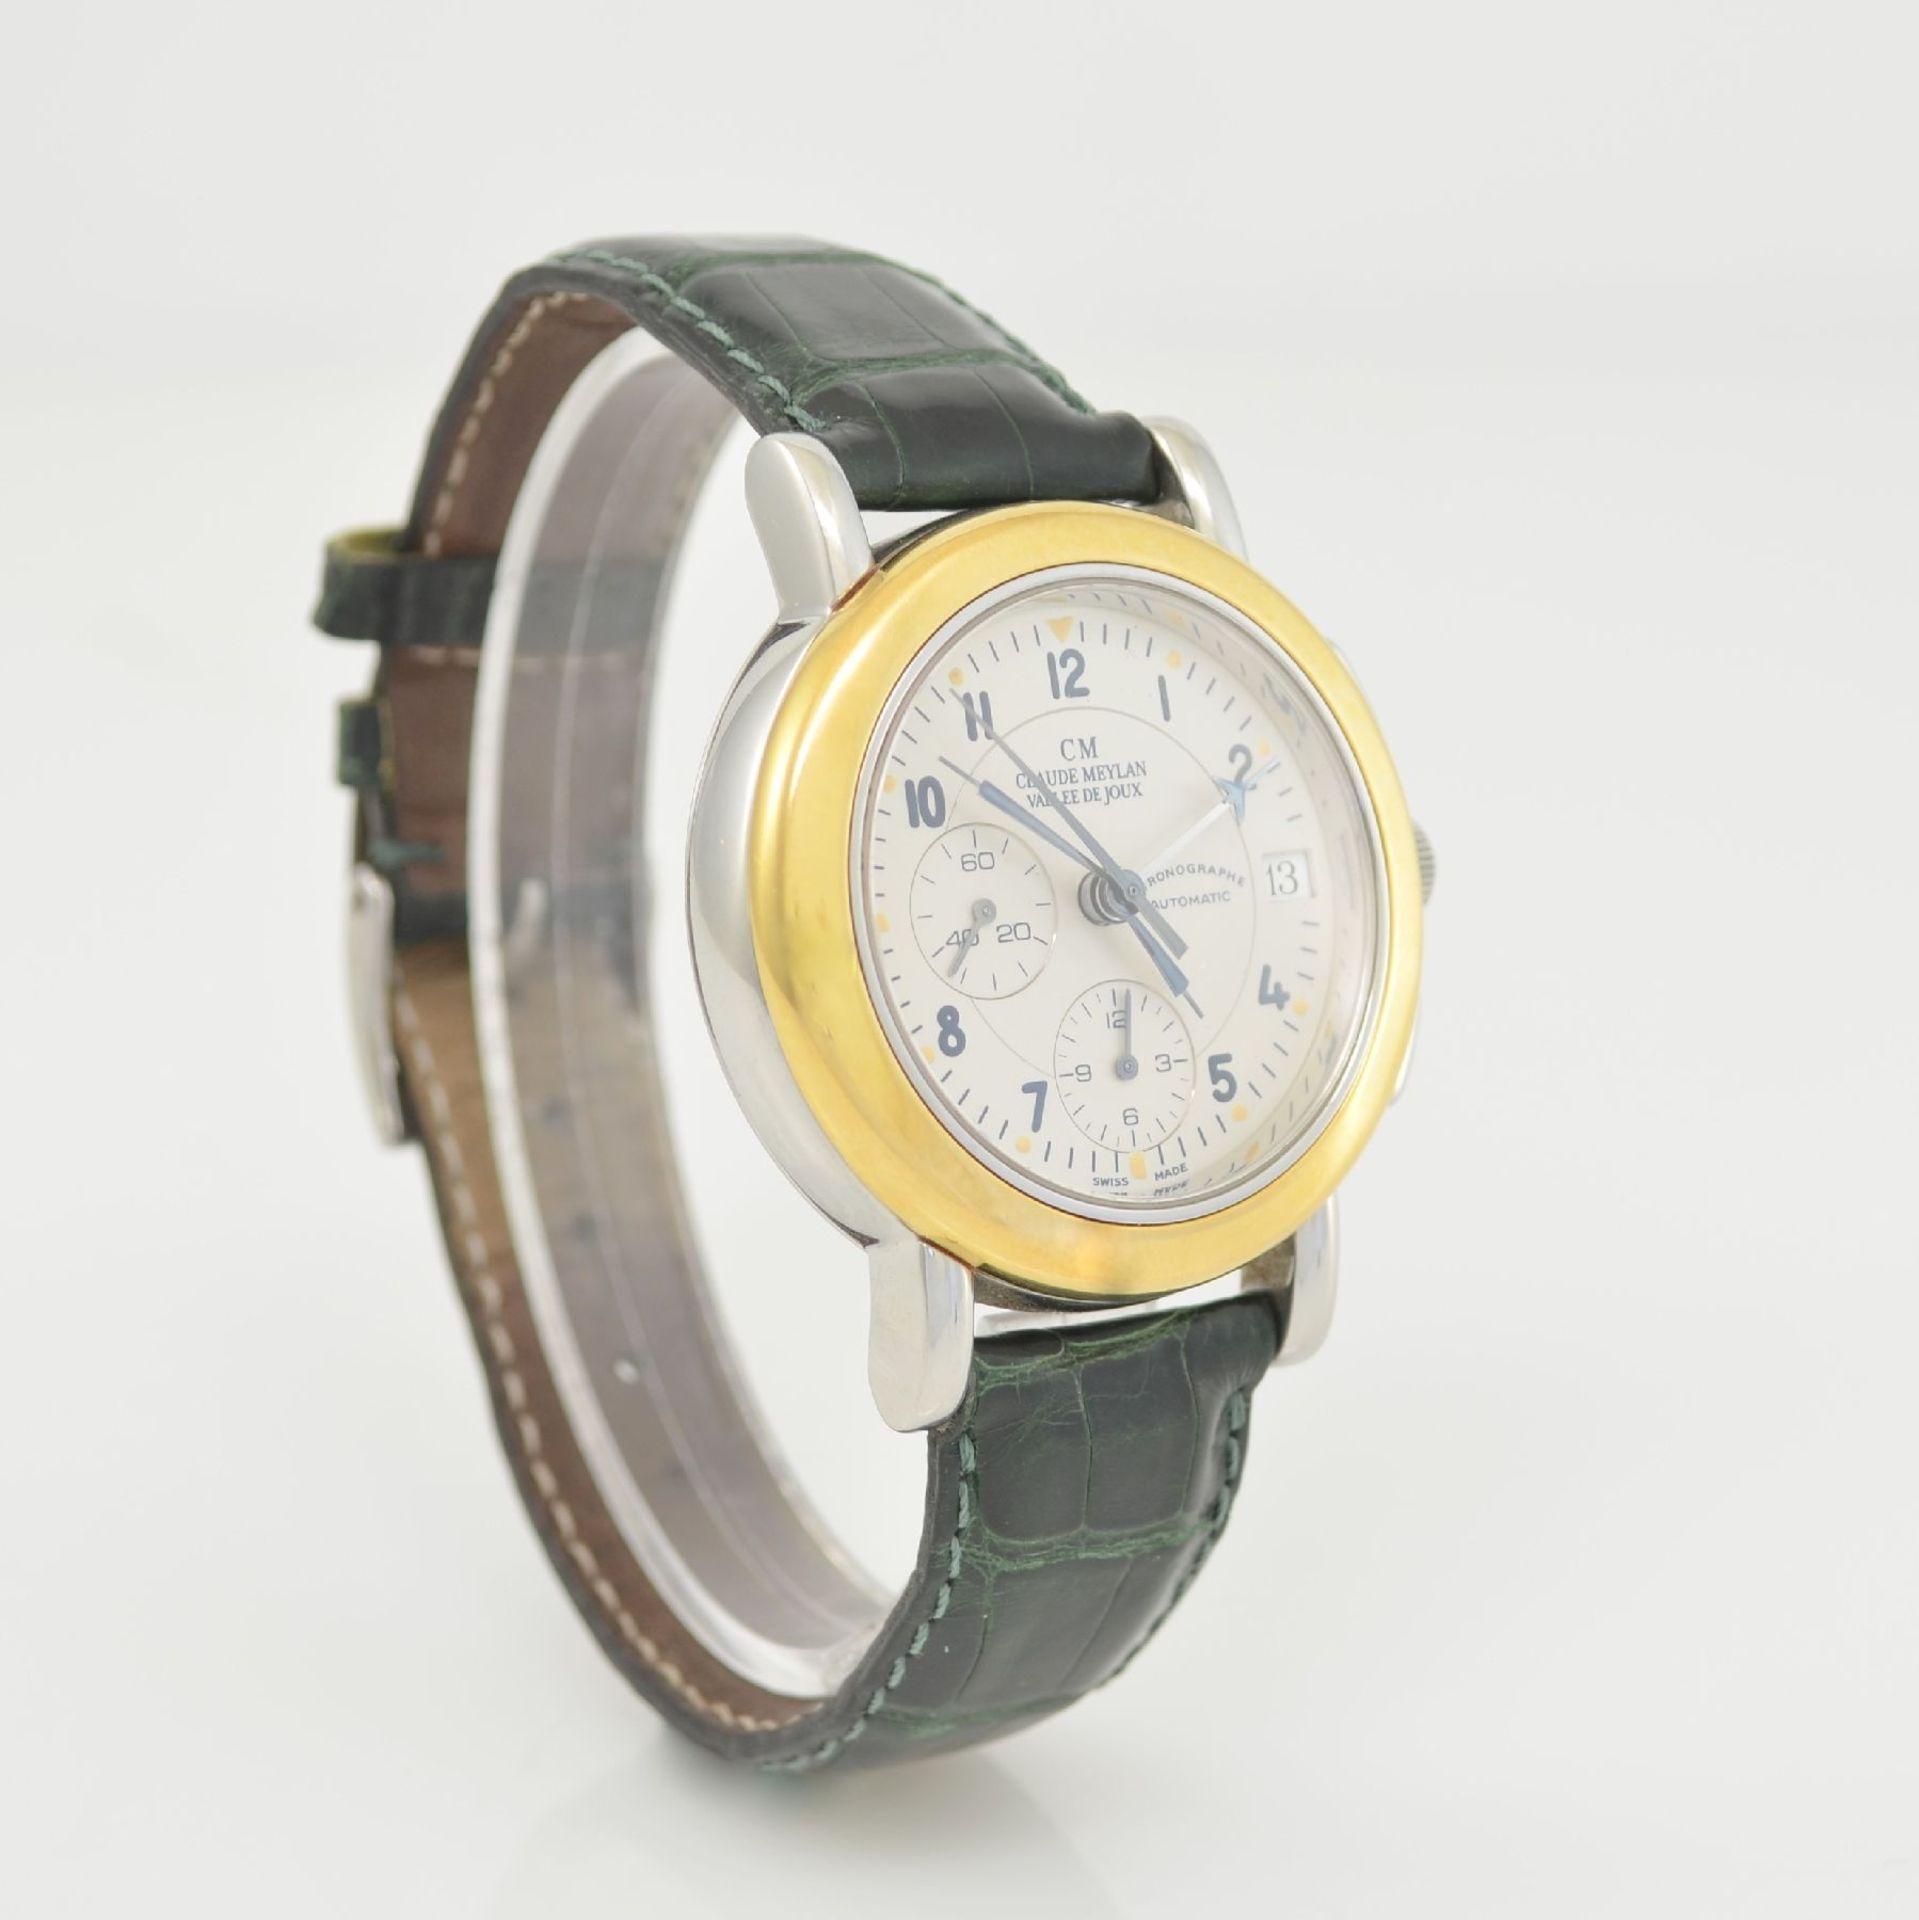 CLAUDE MEYLAN Herrenarmbanduhr mit Chronograph, Schweiz um 1995, Edelstahl/Gold kombiniert, beids. - Bild 4 aus 6